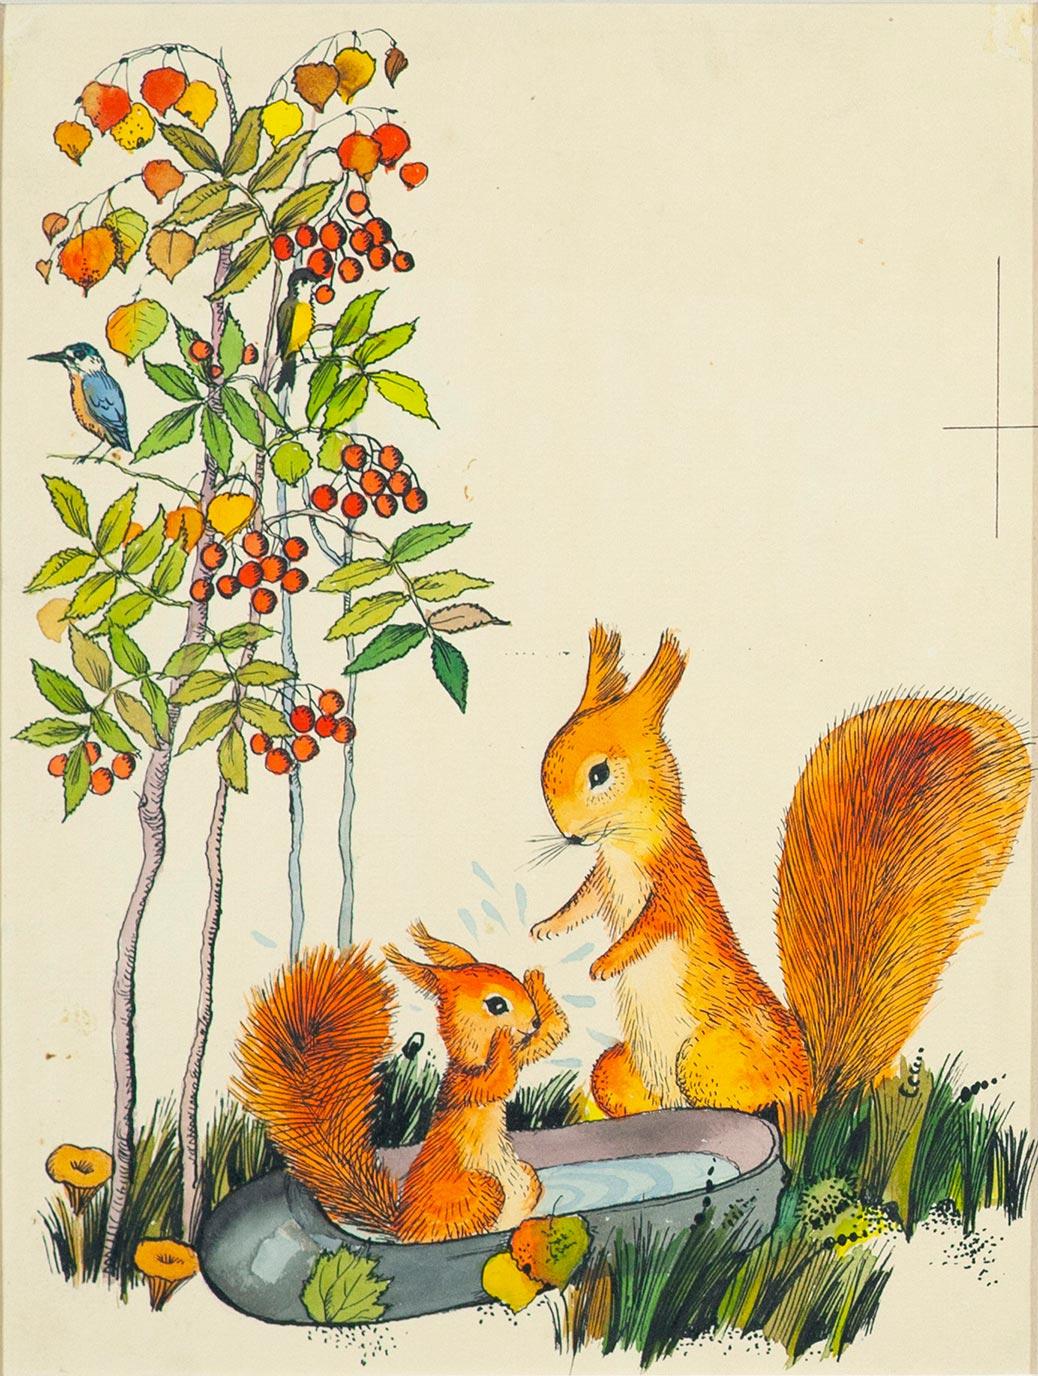 Белка и бельчонок. Иллюстрация к книге М. Пляцковского